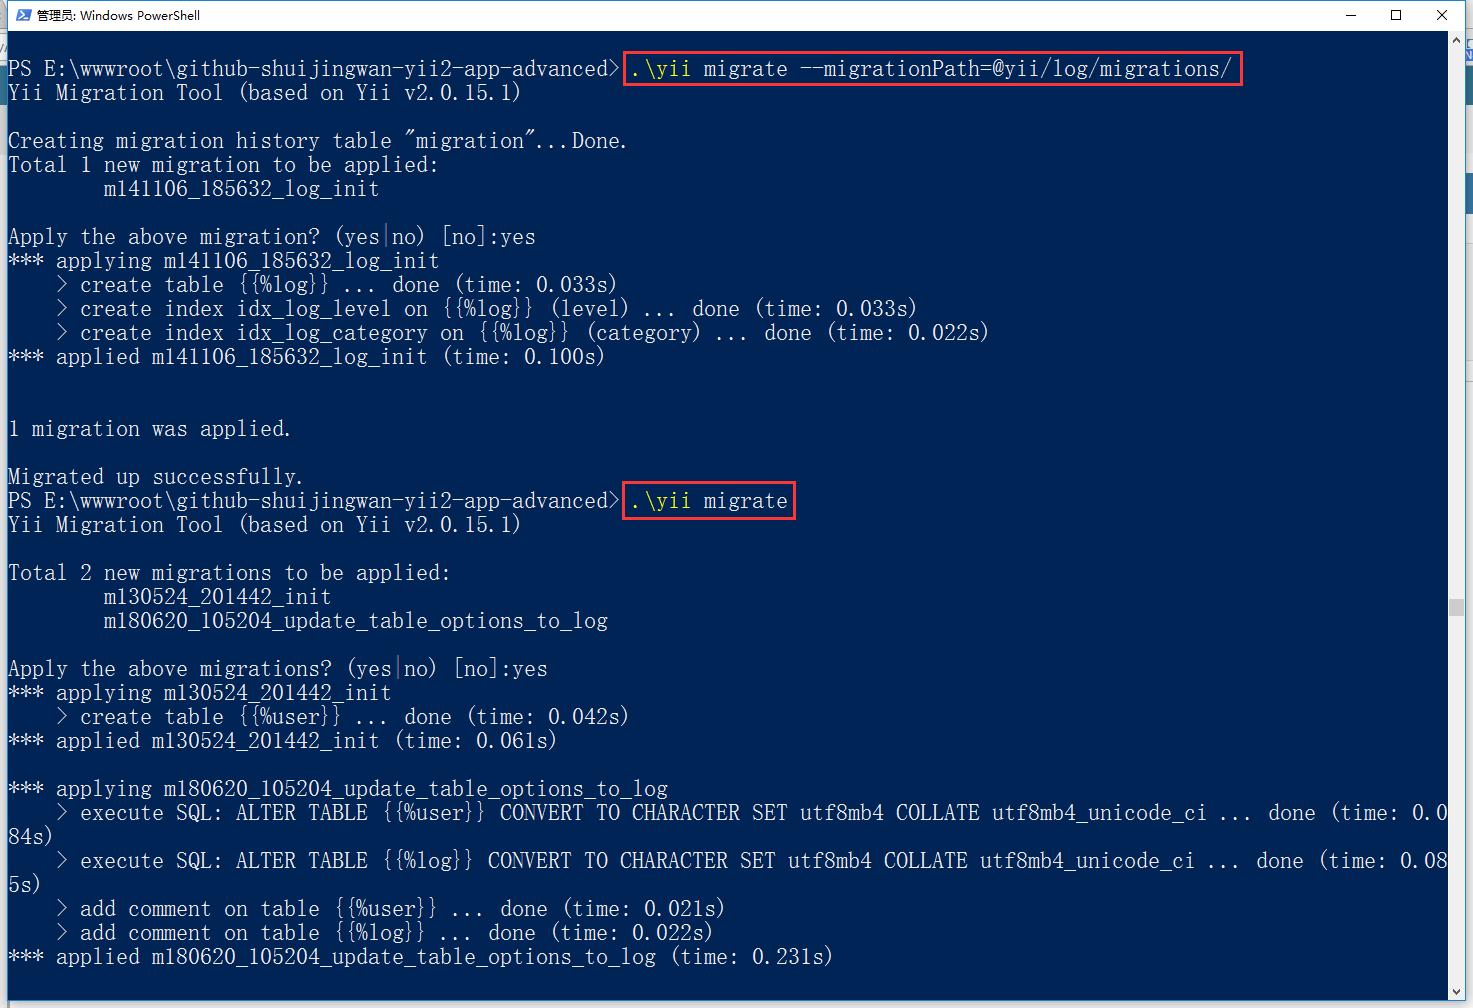 删除数据库中的所有表,重新执行命令